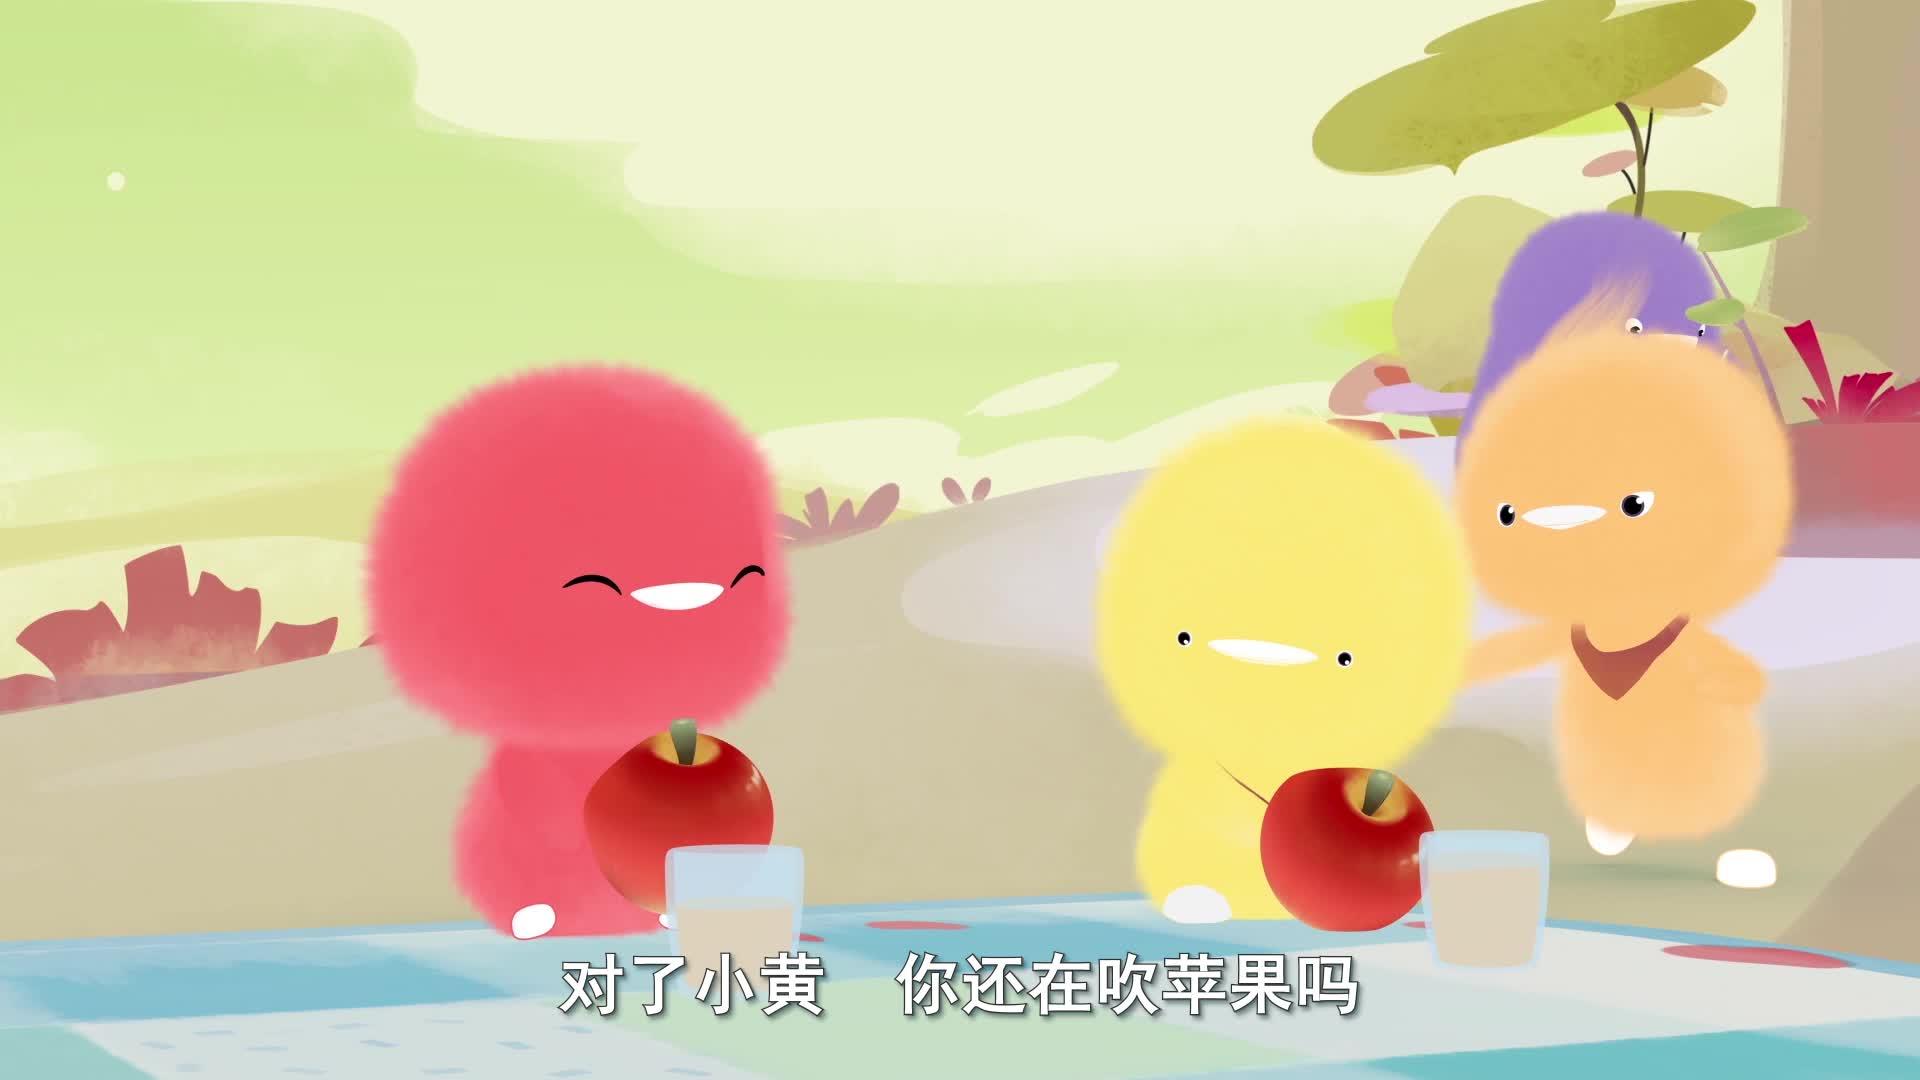 《小鸡彩虹》 第五季 15吹呀吹